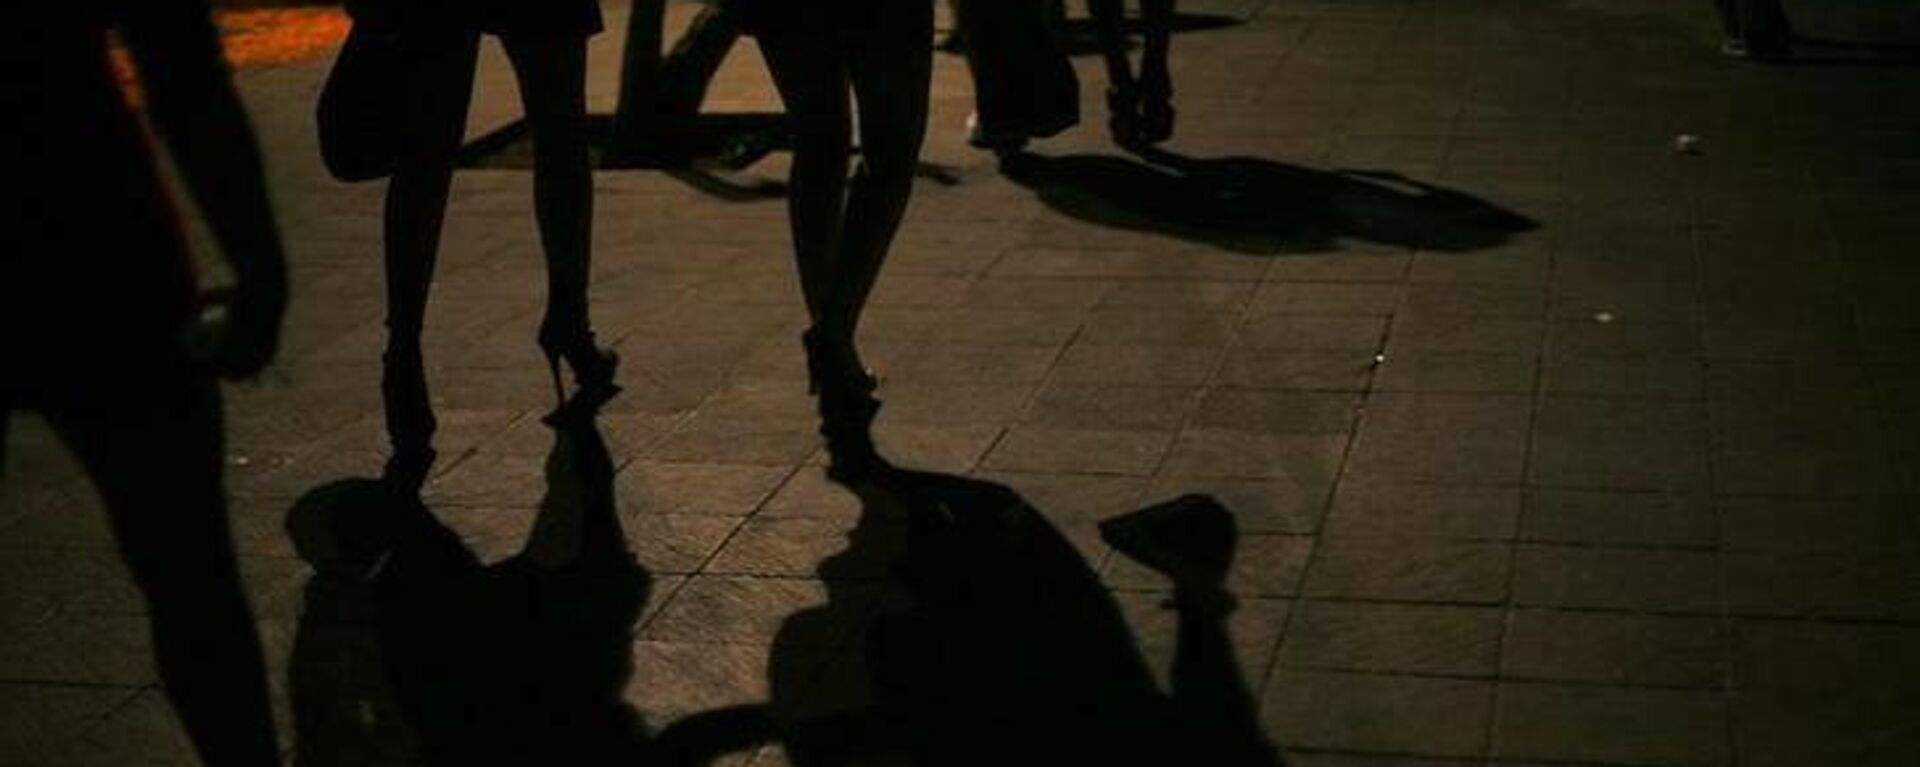 Las sombras de las trabajadoras sexuales - Sputnik Mundo, 1920, 07.04.2021